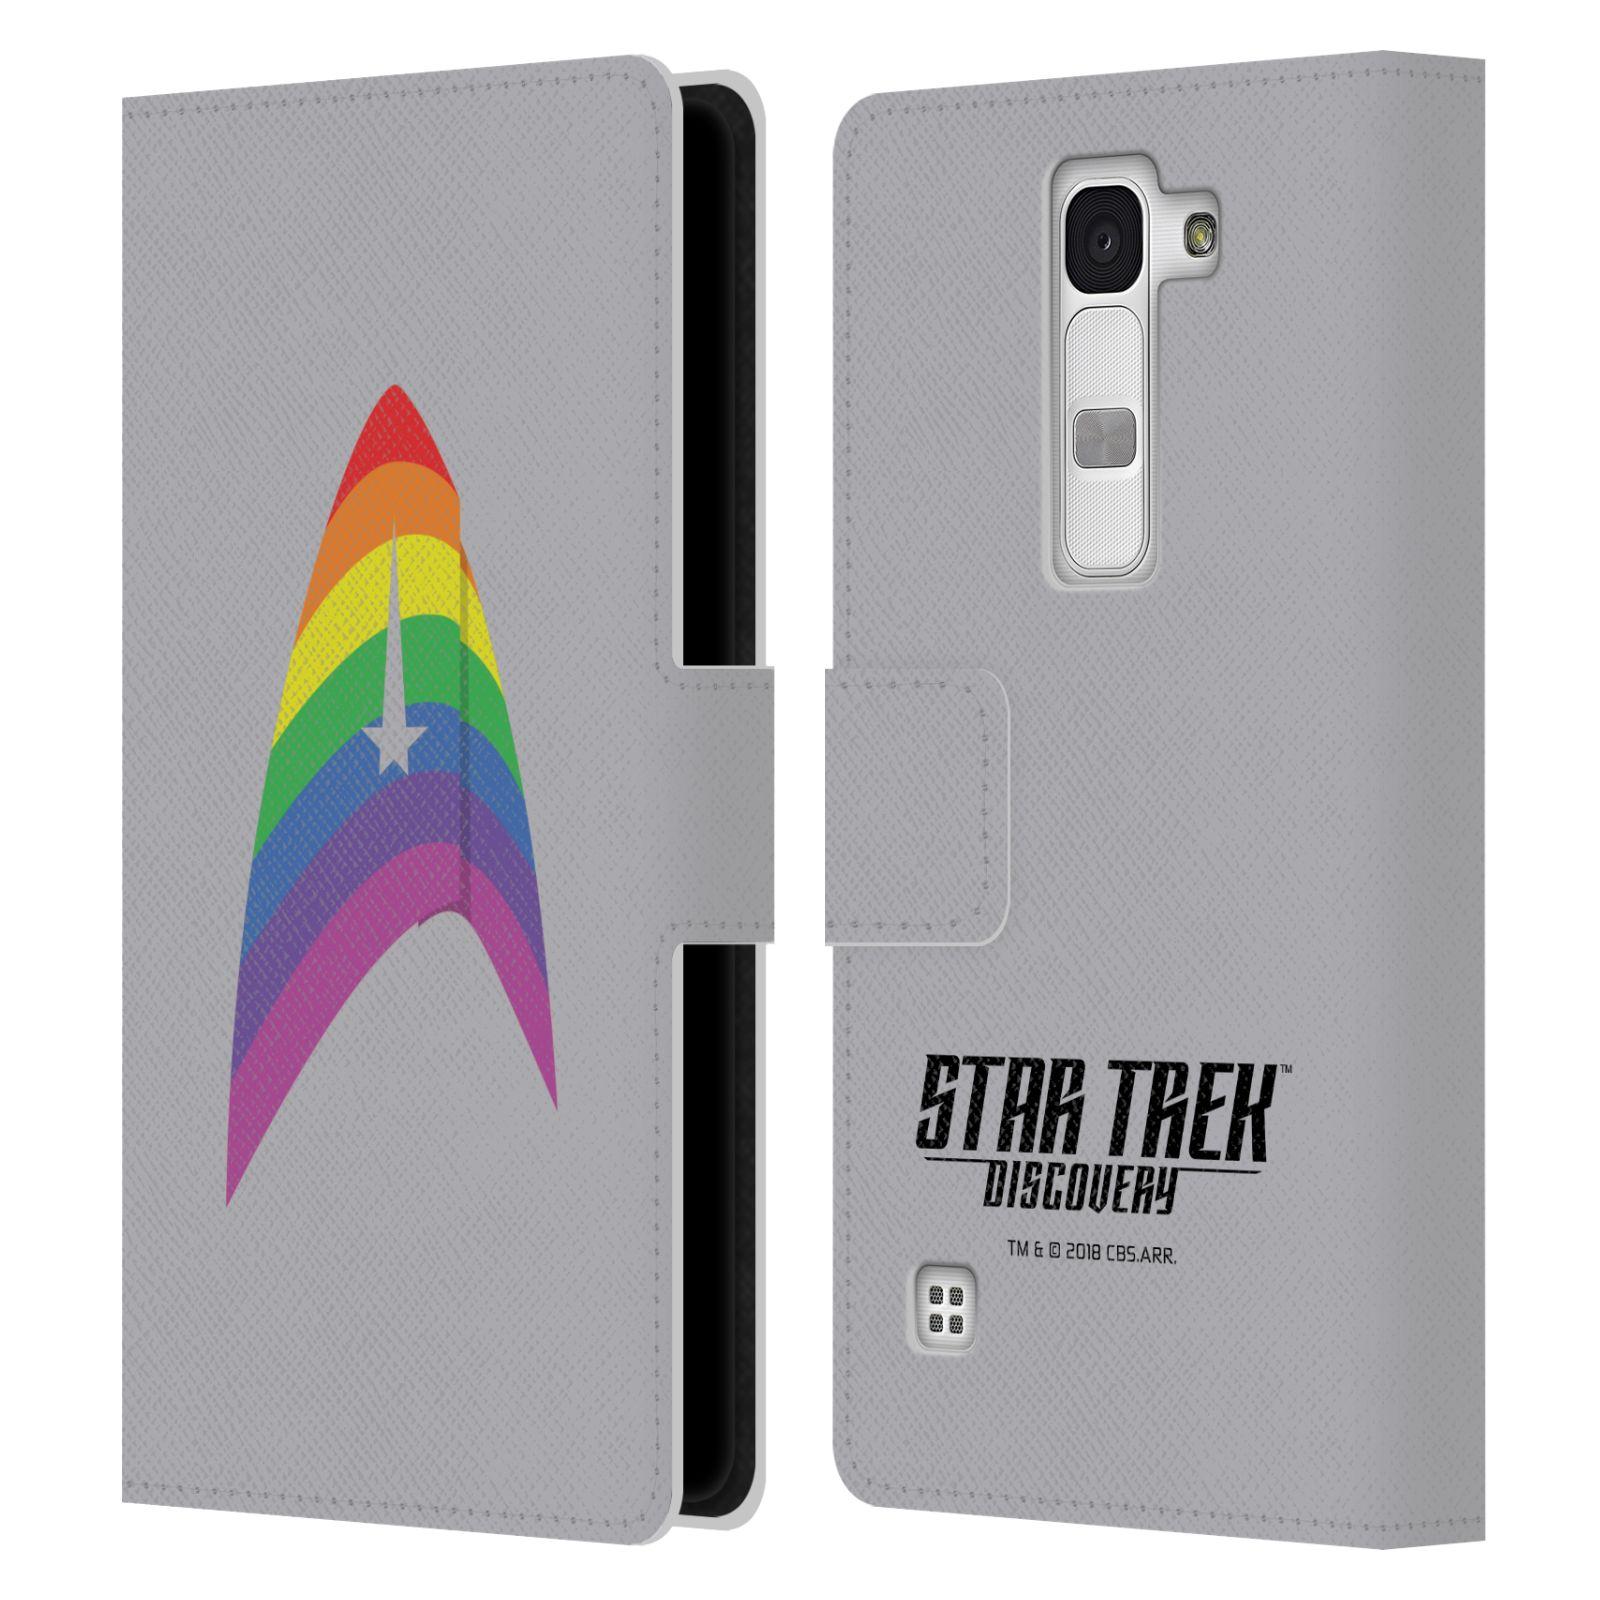 OFFICIEL-STAR-TREK-DISCOVERY-INSIGNES-ETUI-COQUE-EN-CUIR-POUR-LG-TELEPHONES-2